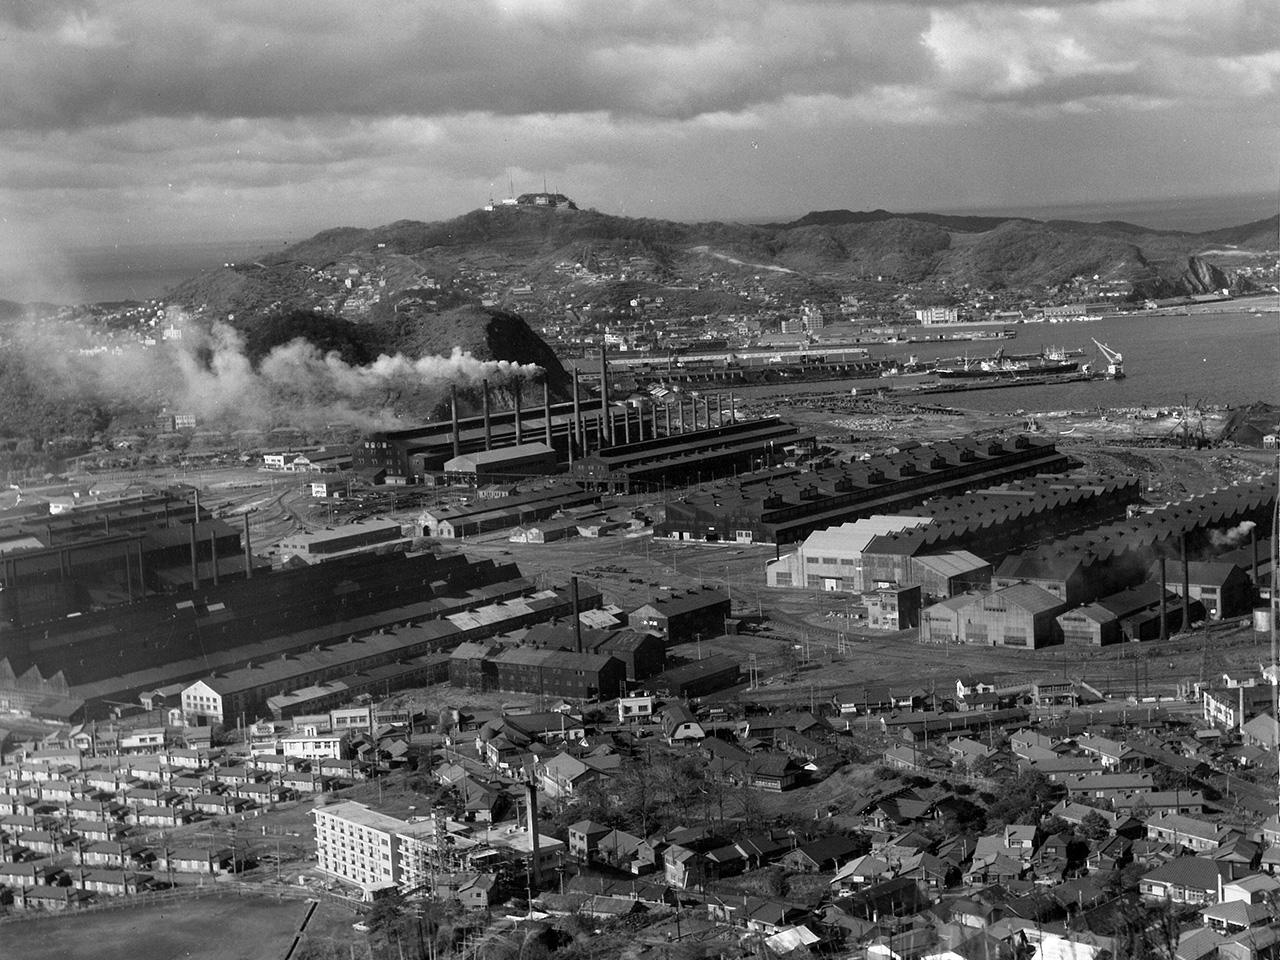 画像:工場景観と企業城下町のまちなみ(9)